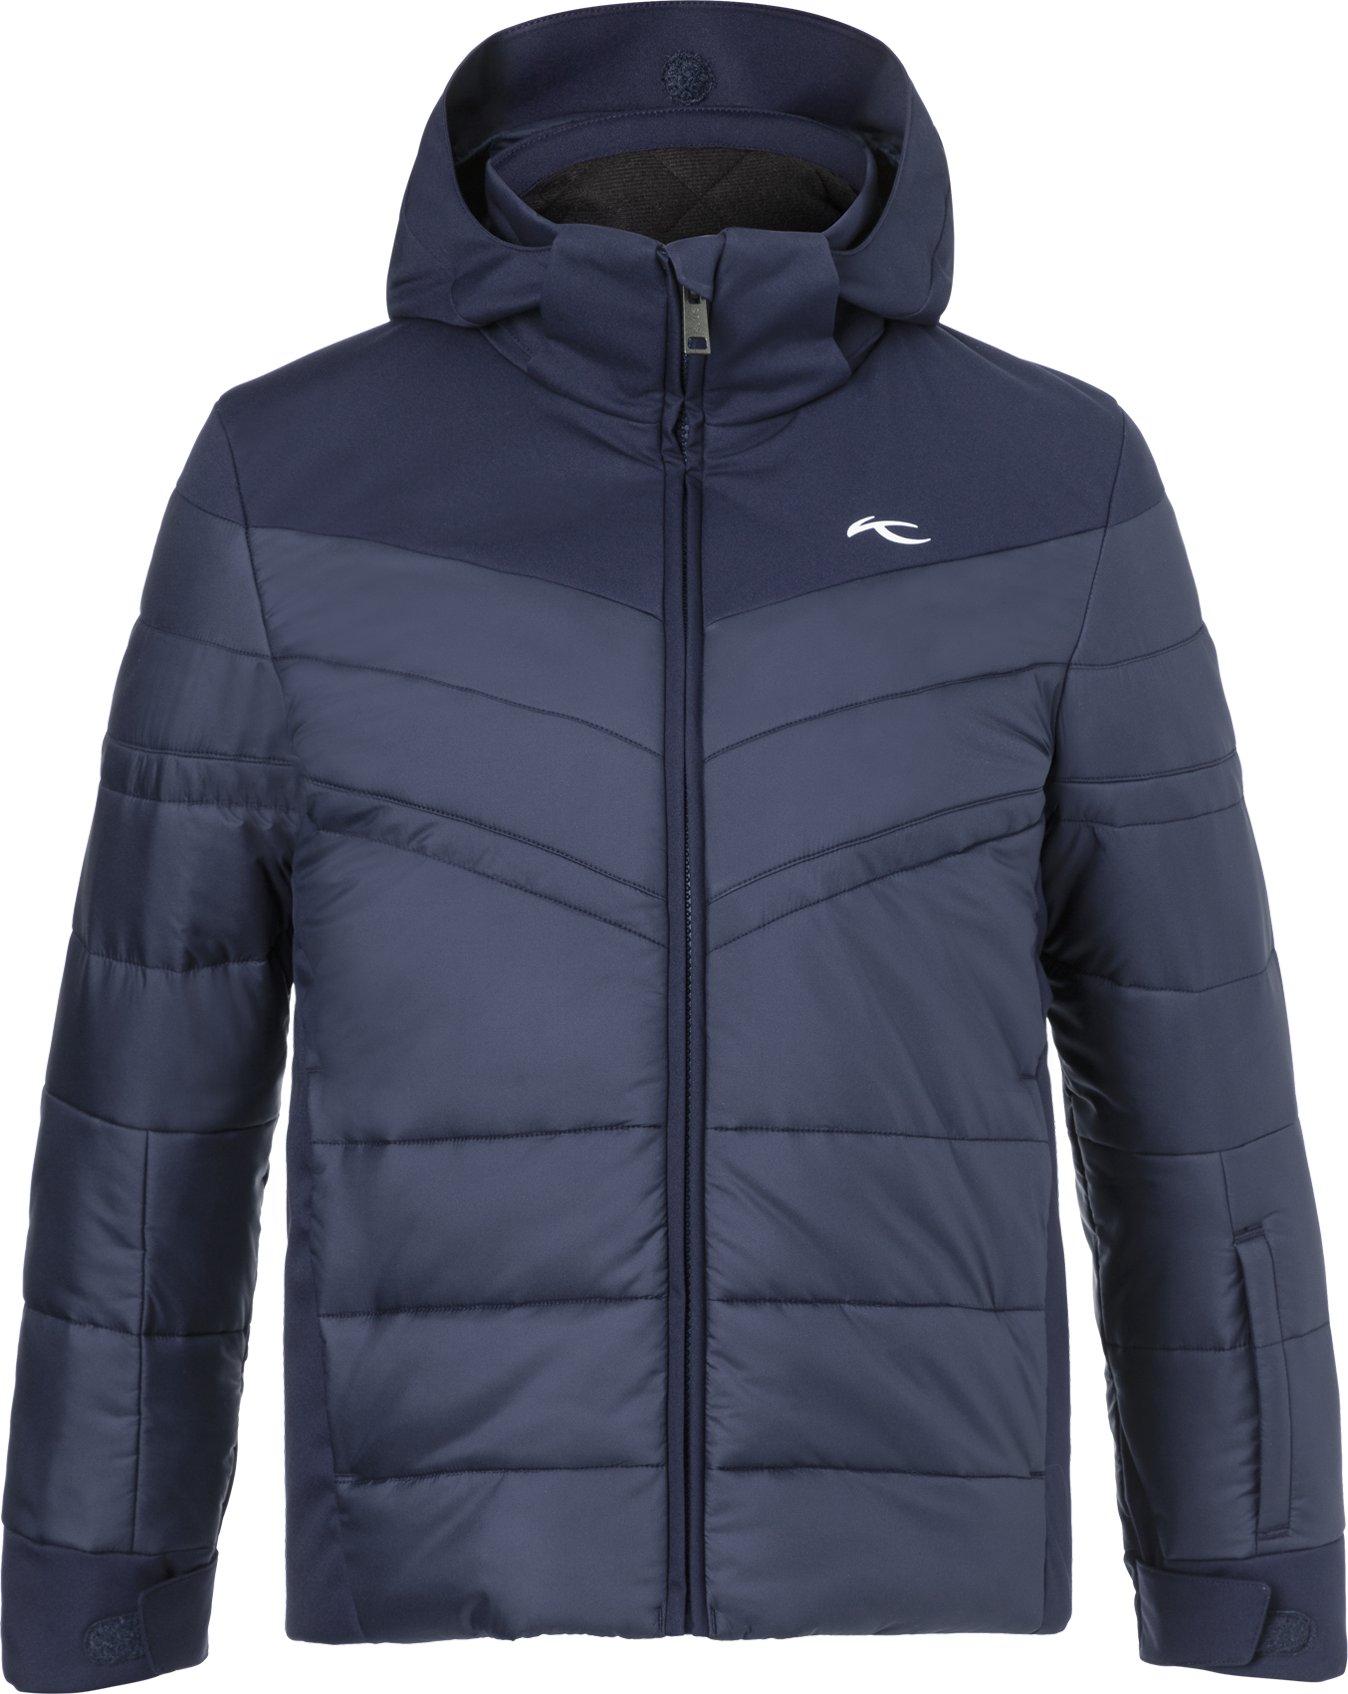 Best pris på Kjus Downforce Jacket (Junior) Se priser før kjøp